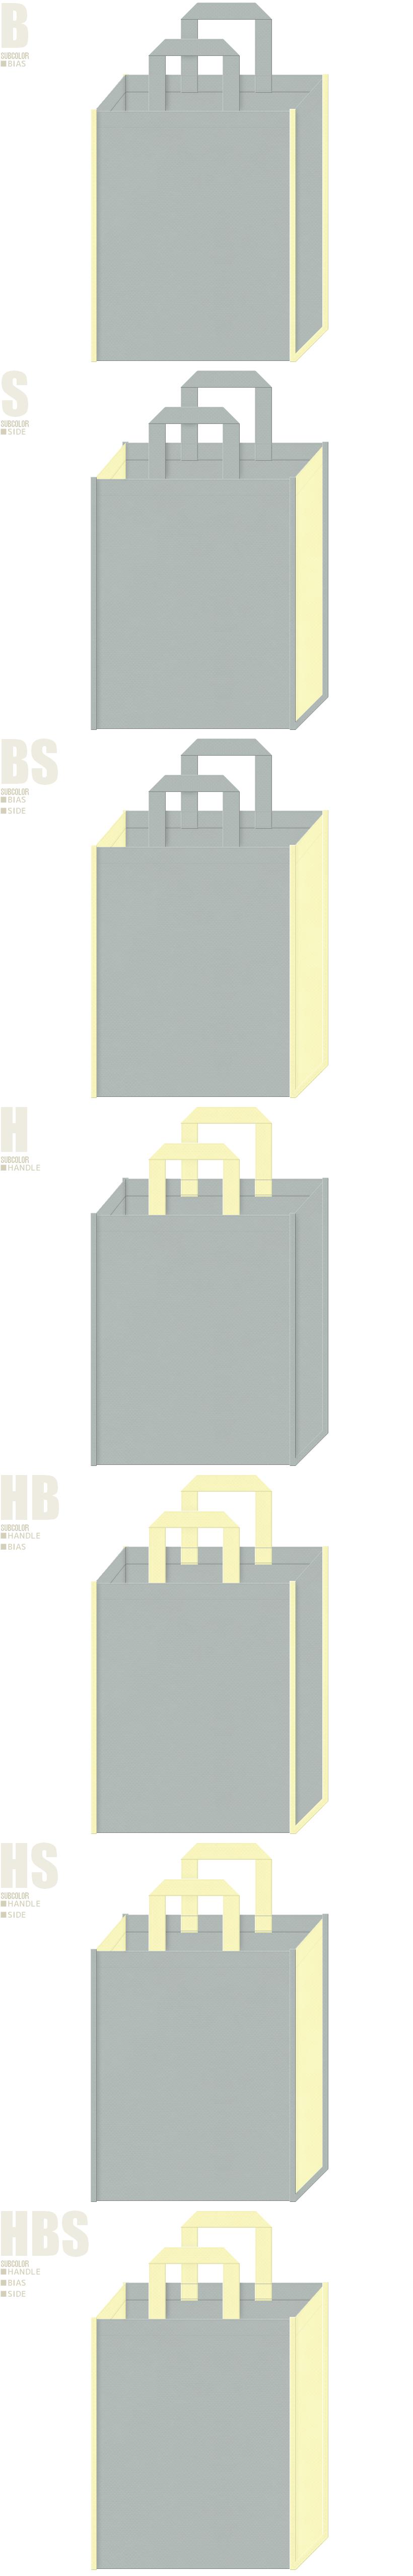 照明器具の展示会用バッグにお奨めの不織布バッグデザイン:グレー色と薄黄色の配色7パターン